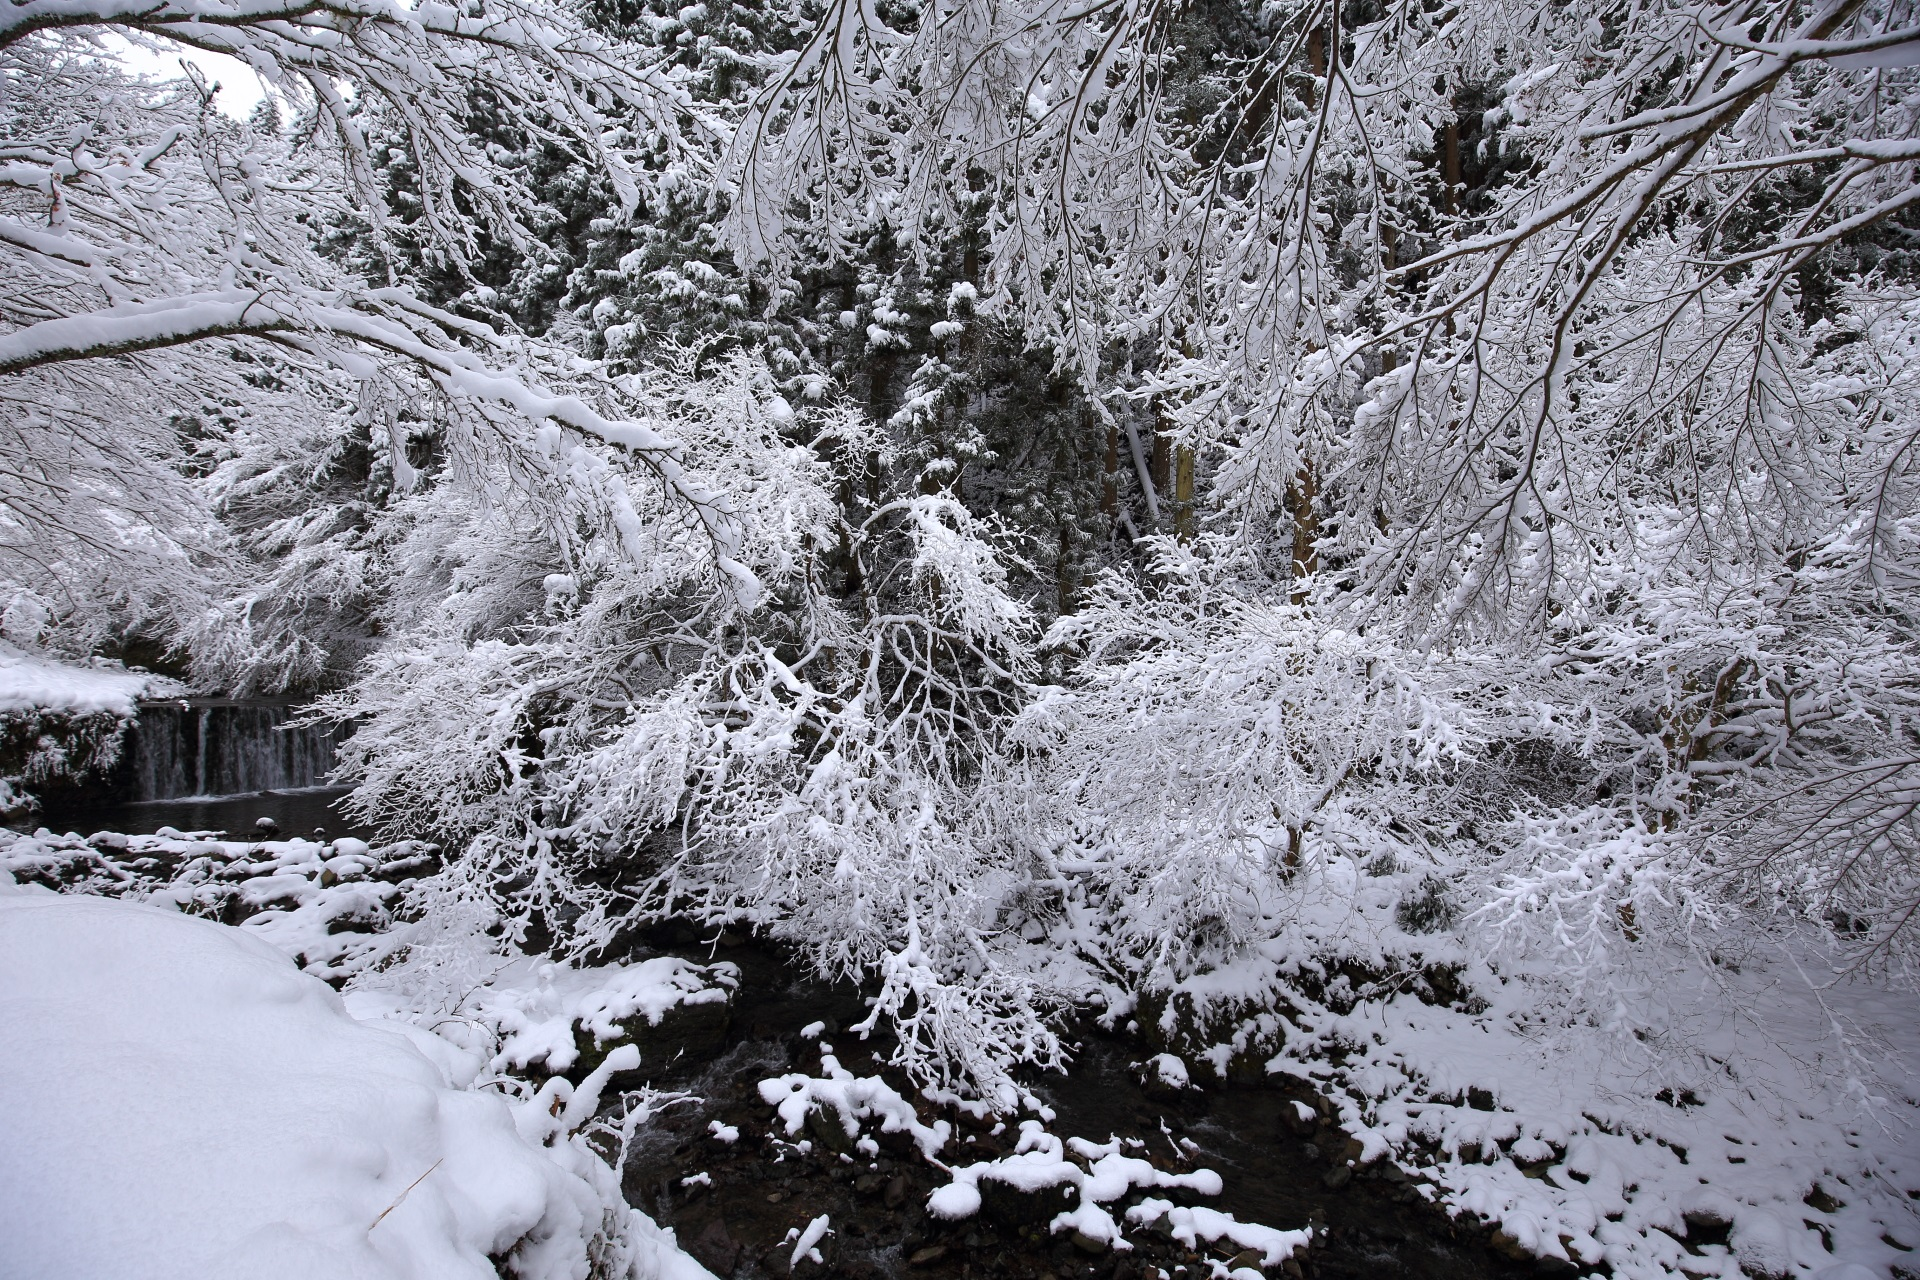 滝とともに降り注ぐ雪の華